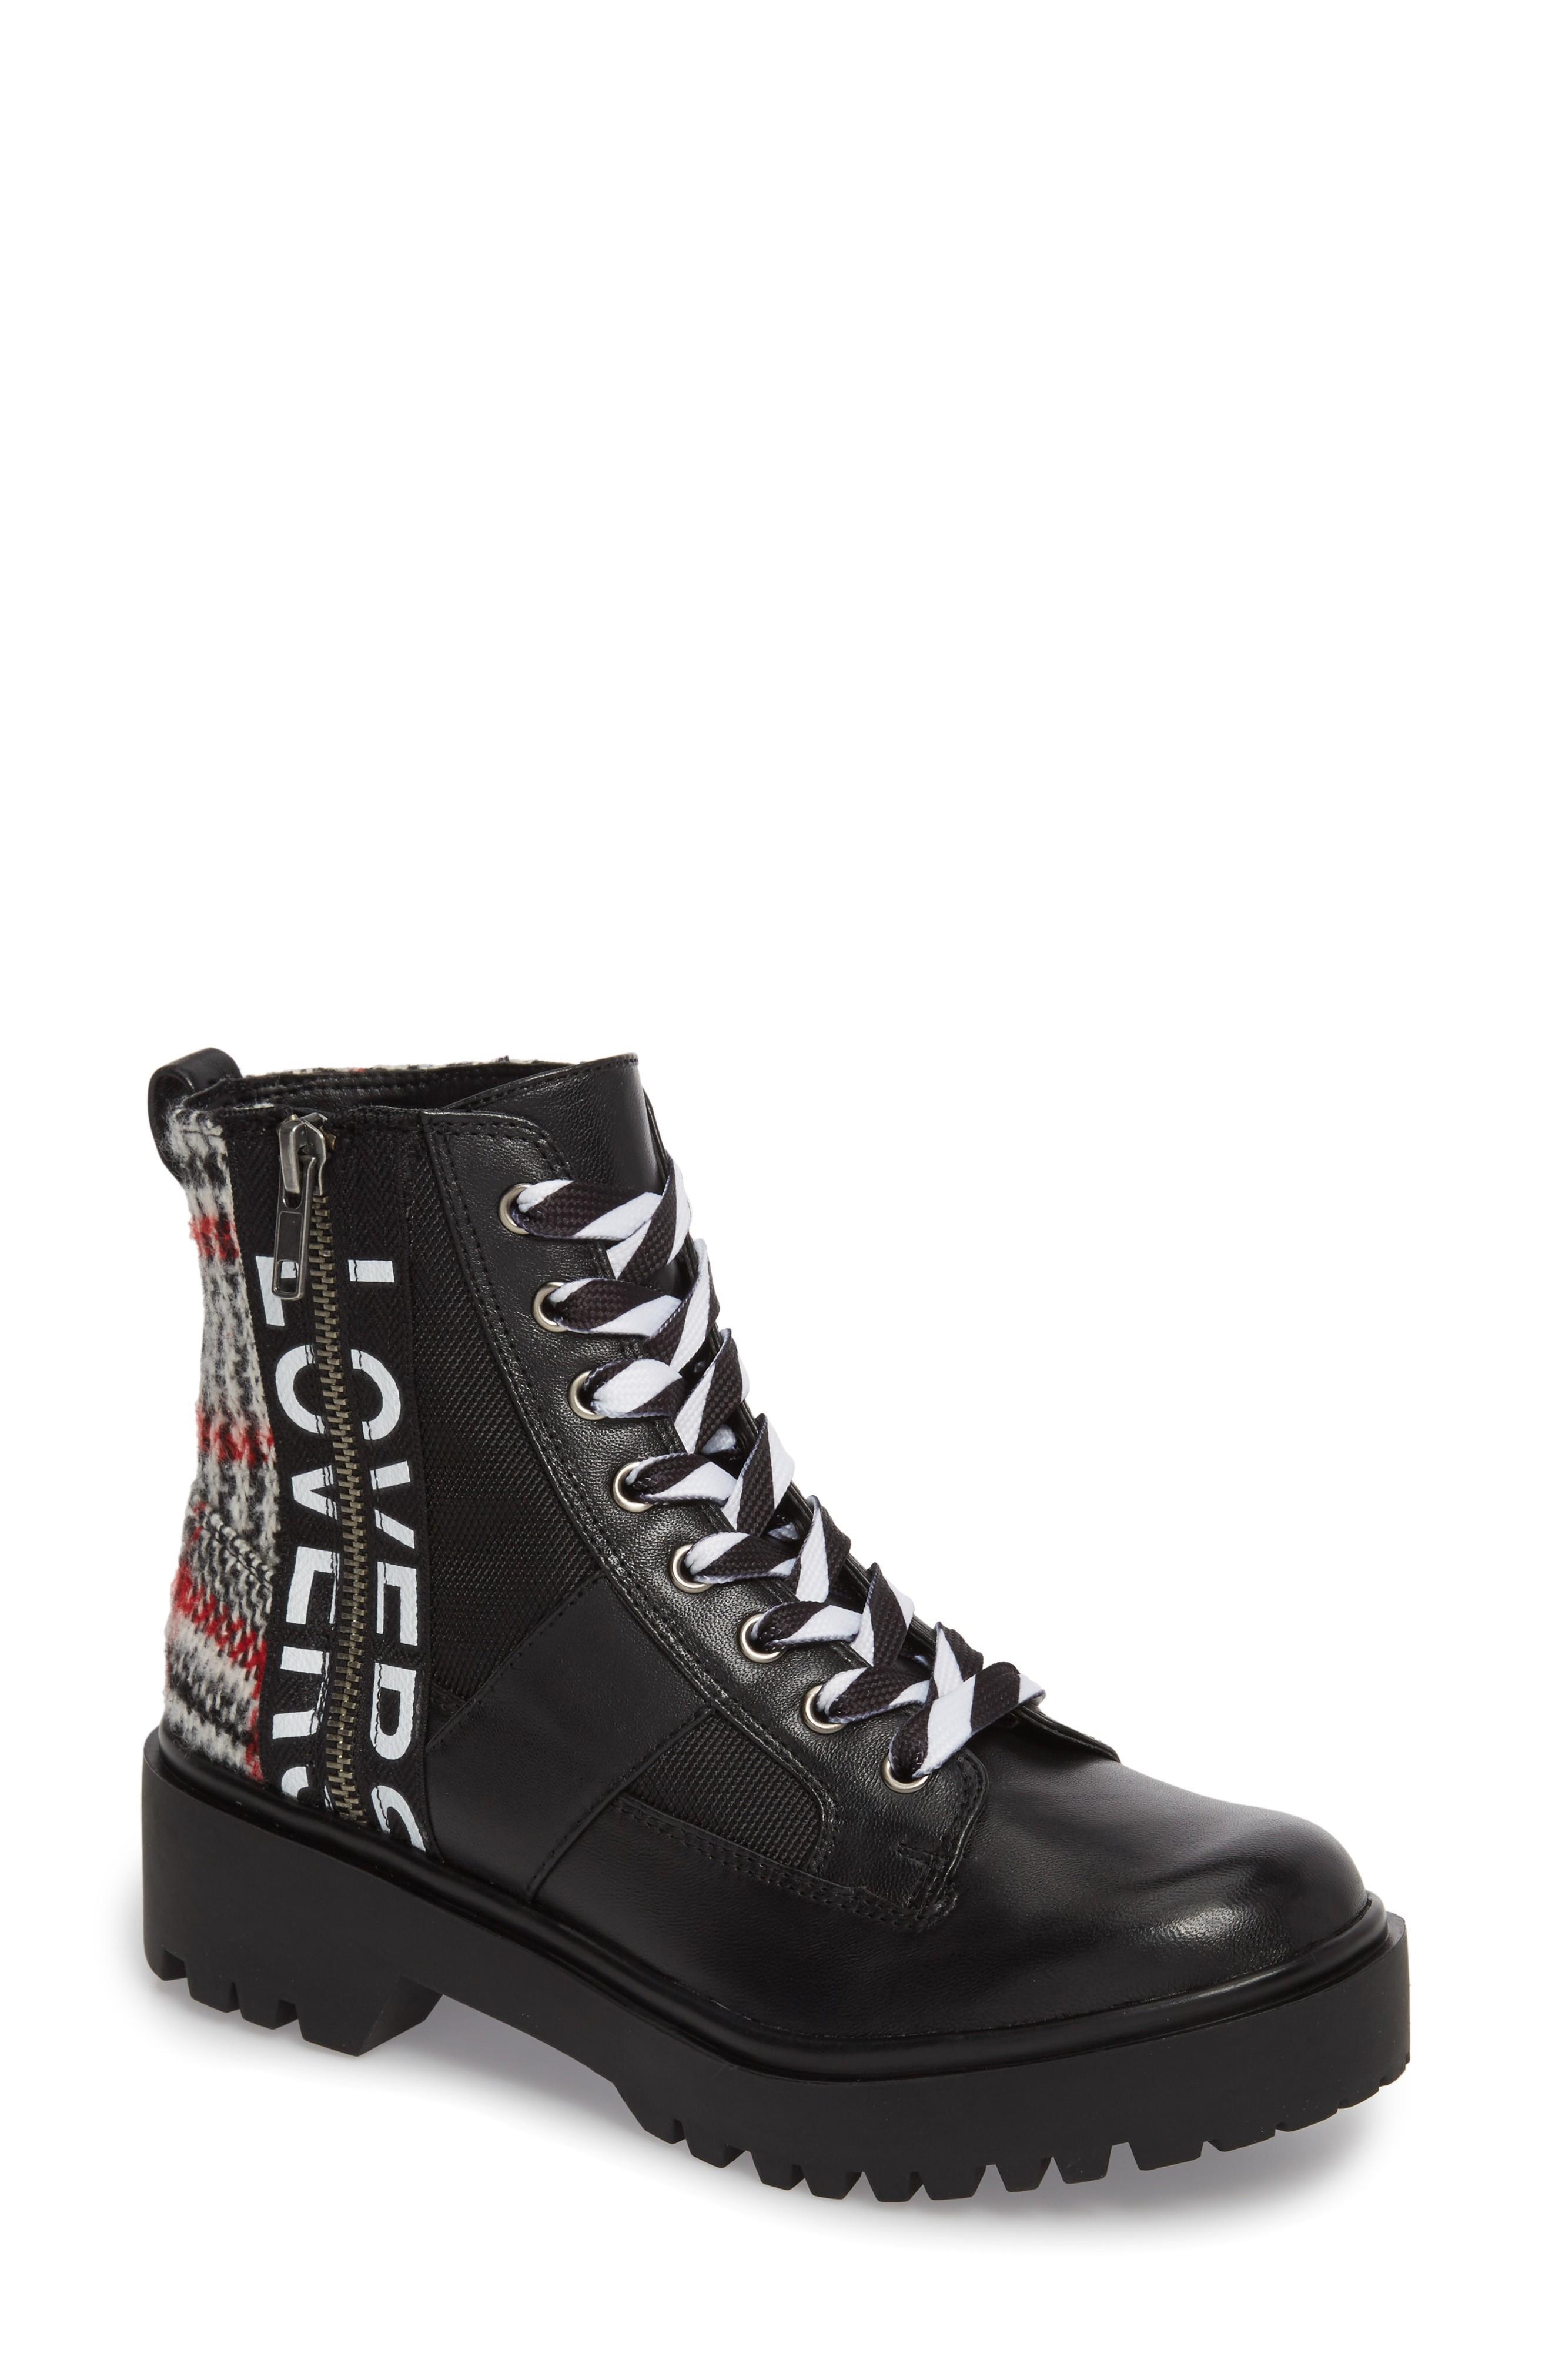 Steve Madden Lennox Combat Boot In Black Multi